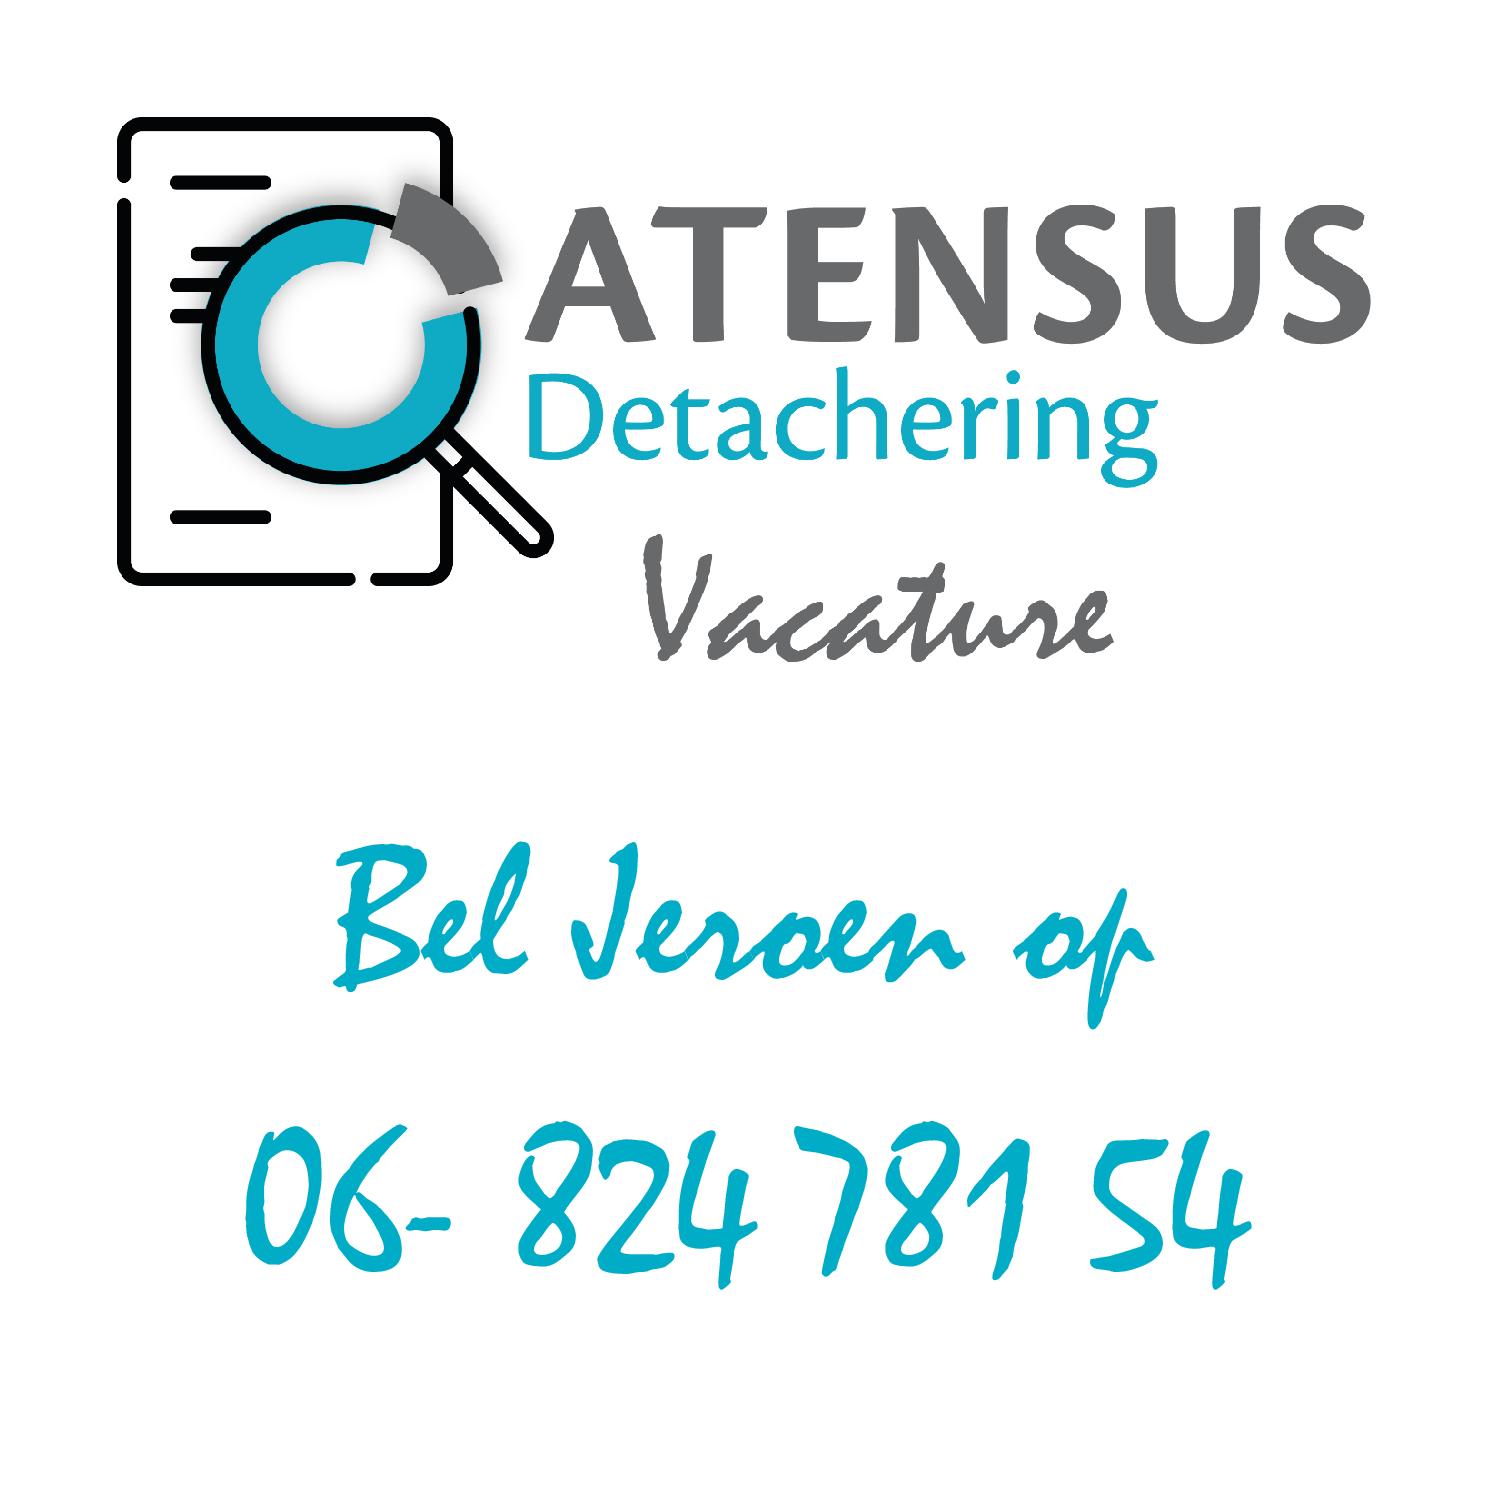 Vacature Atensus upload